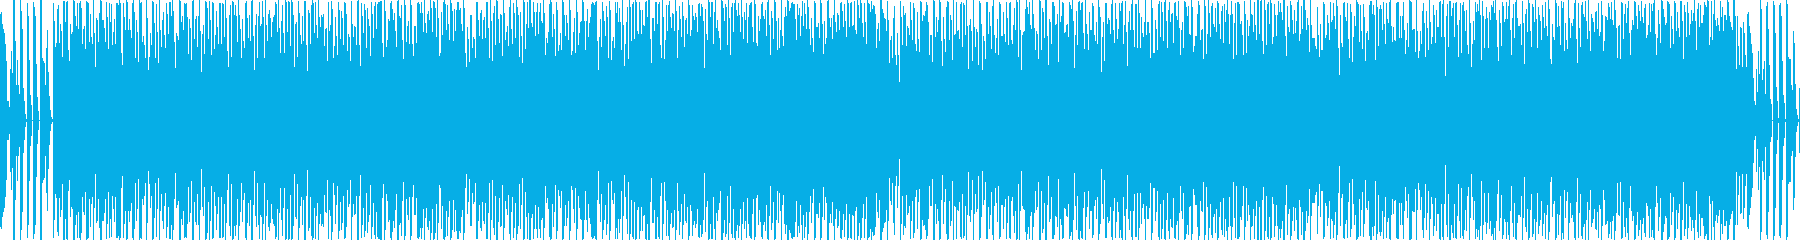 映像のBGMに!壮大な雰囲気のエレクトロの再生済みの波形